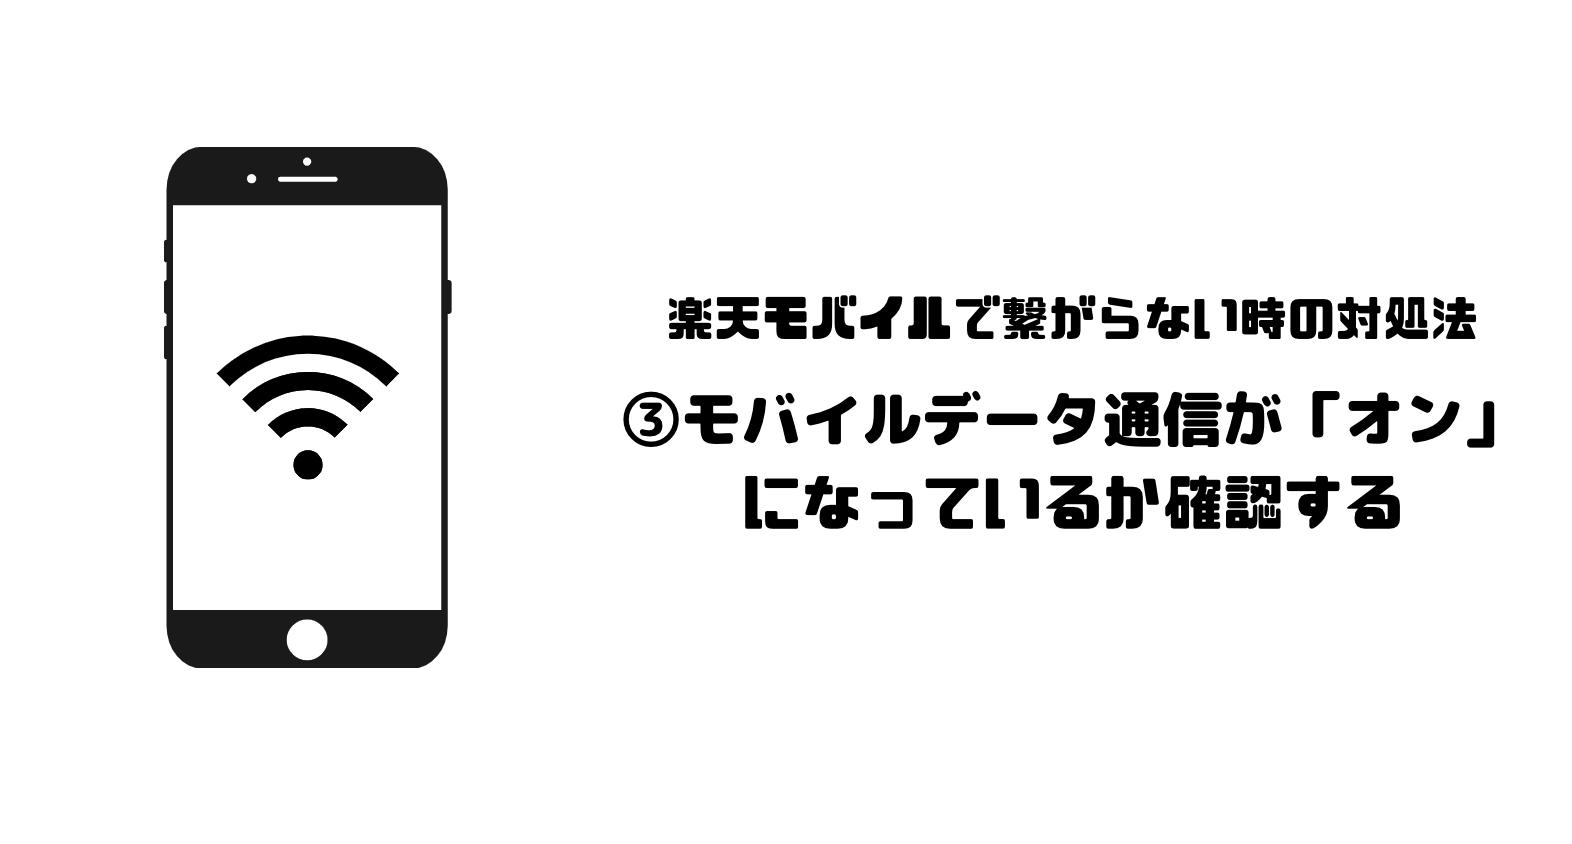 楽天モバイル_つながらない_繋がらない_対処法_モバイルデータ通信